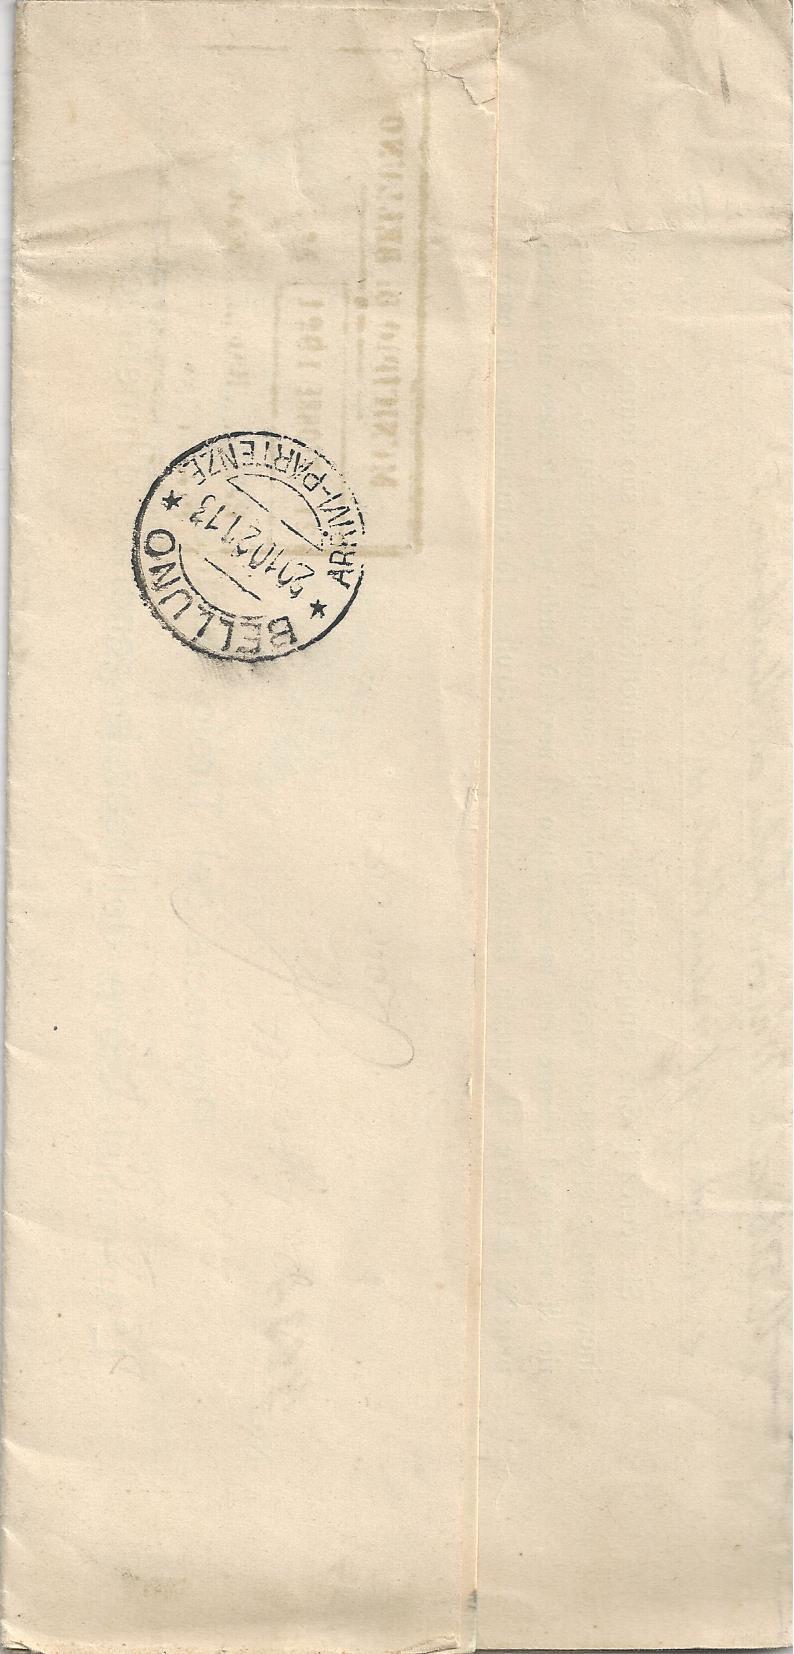 Inflation in Österreich - Belege - 1918 bis 1925 - Seite 6 Bild_227